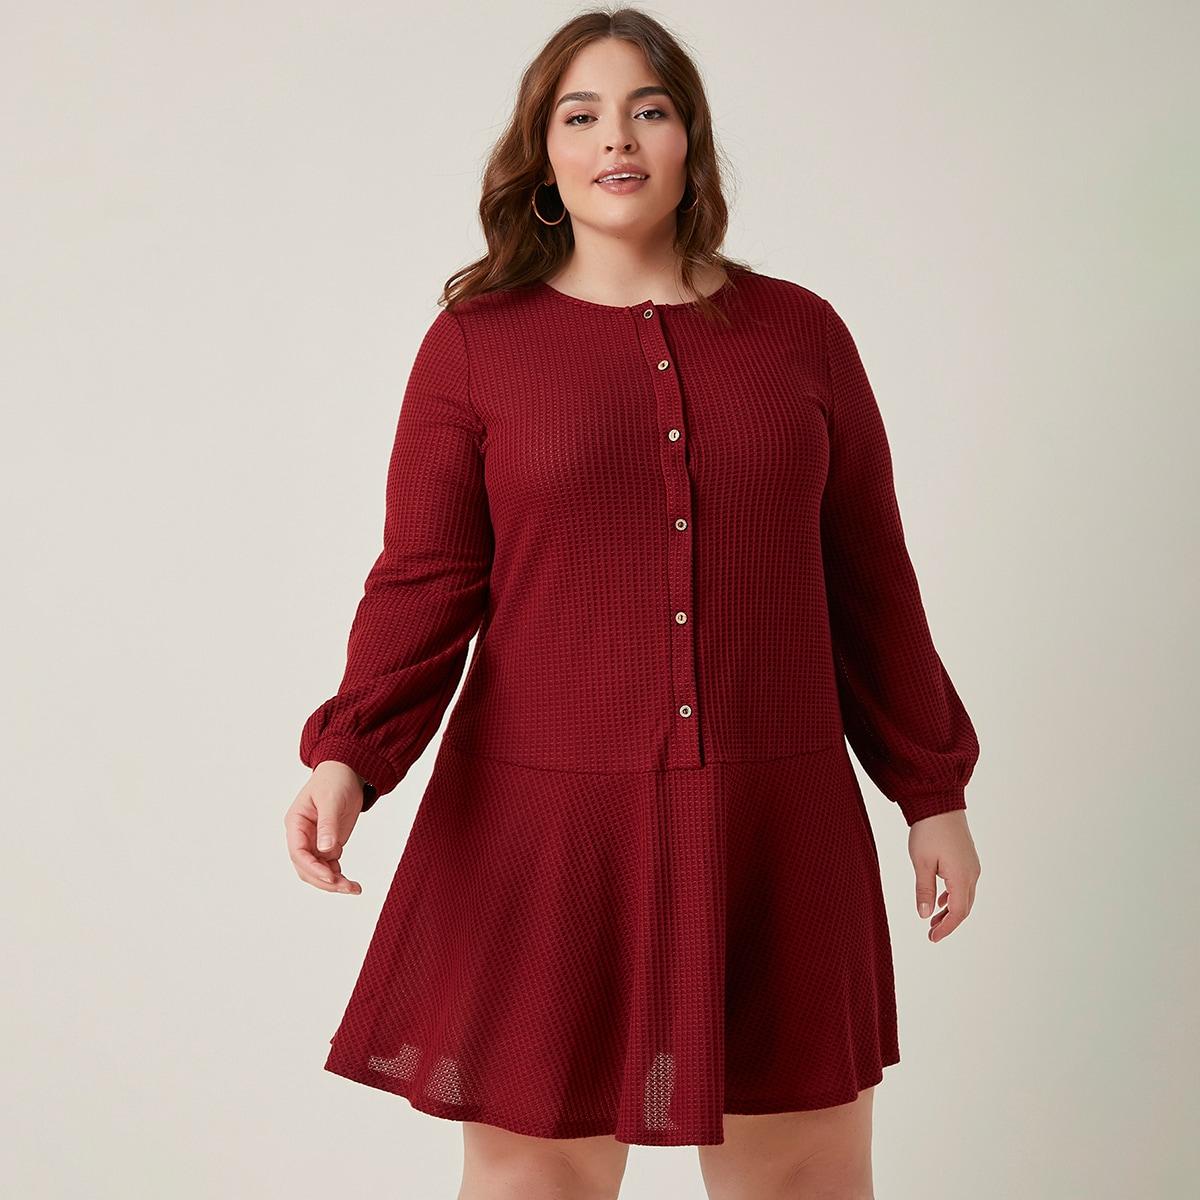 Вязаное платье размера плюс с пуговицами